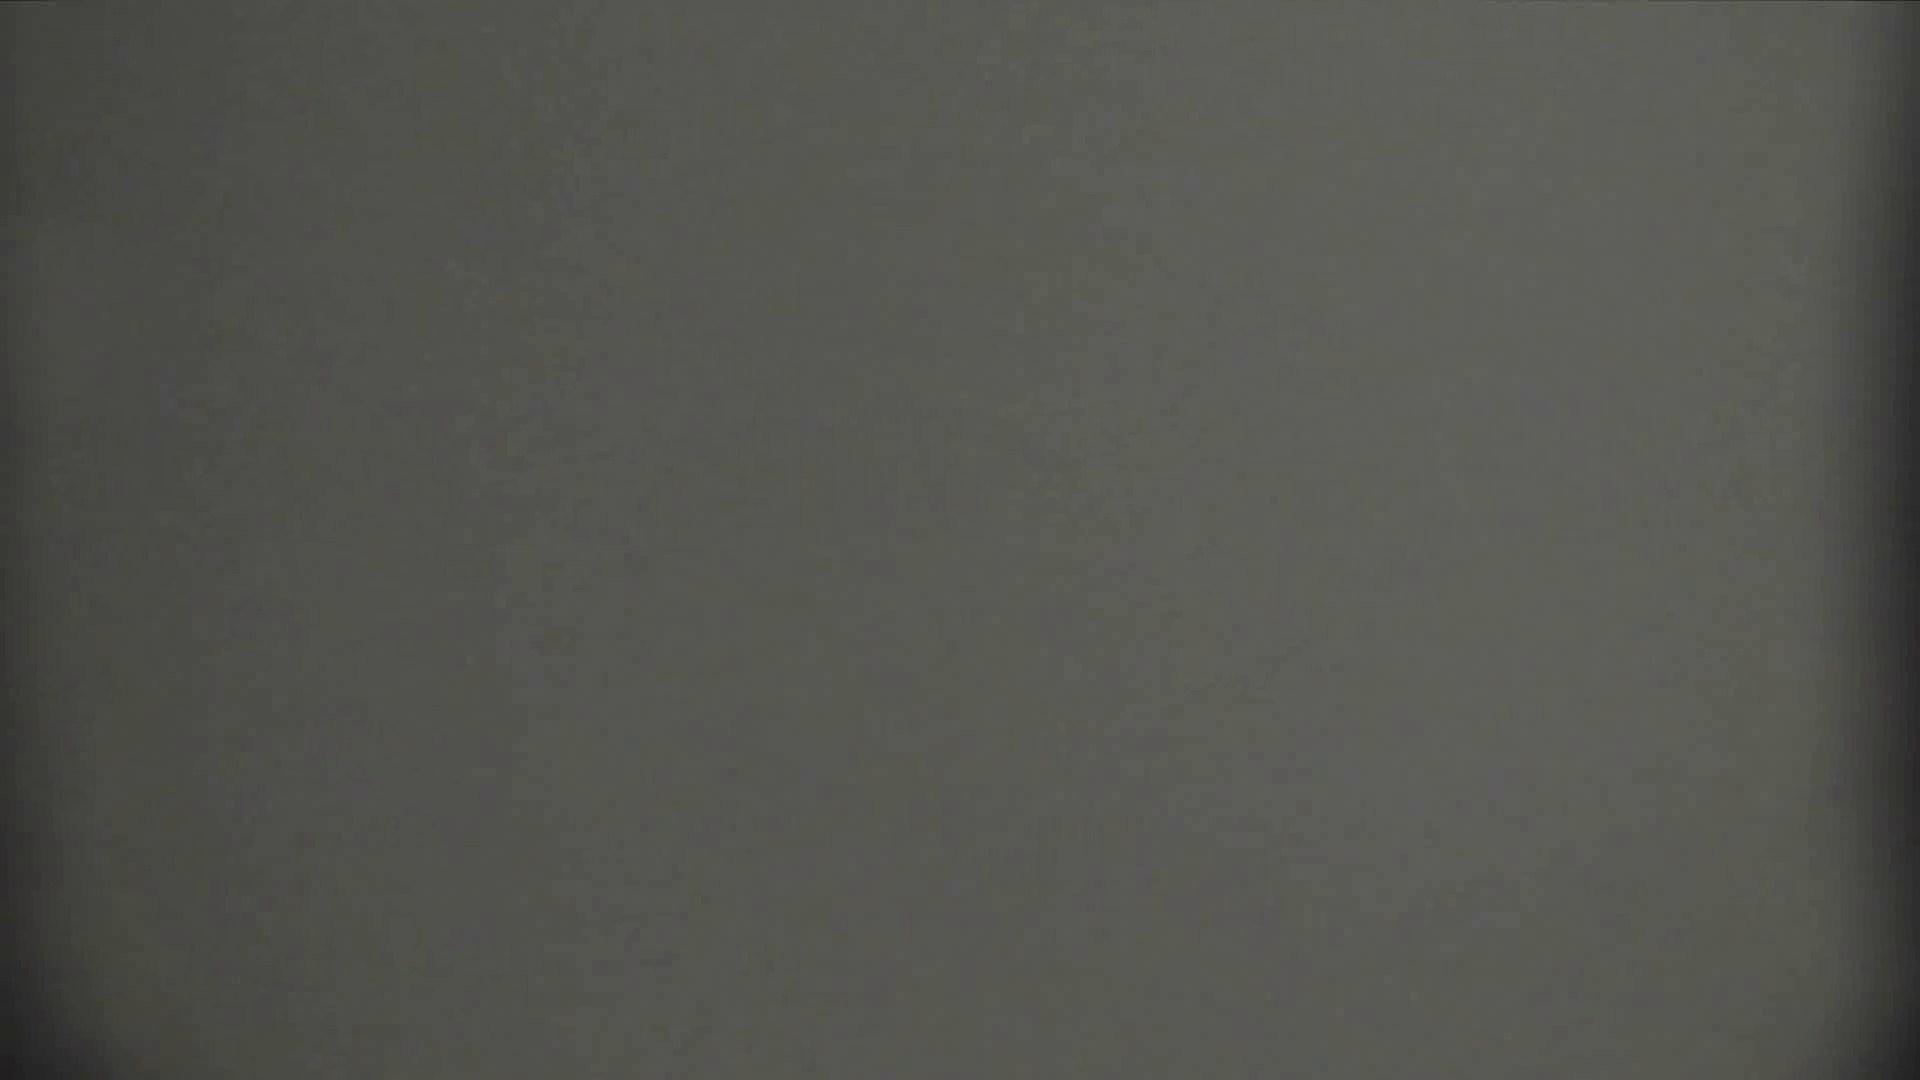 世界の射窓から vol.43 ソーニュー OLの実態   洗面所  35pic 15